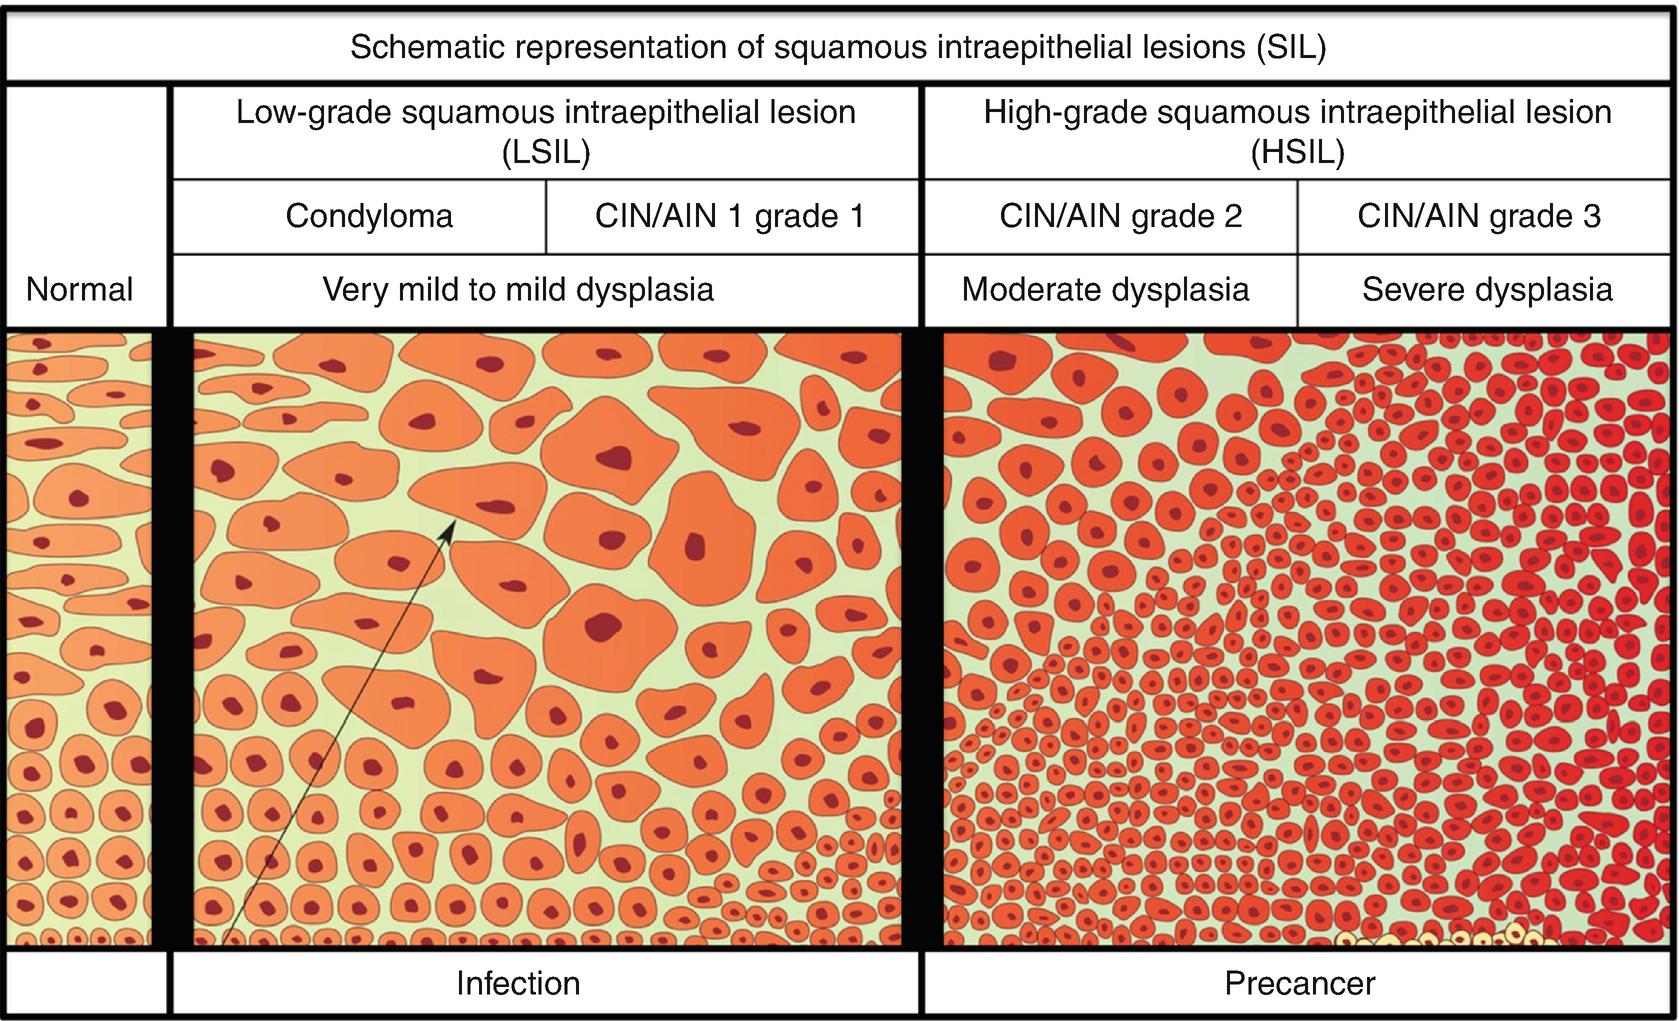 hogyan kezelik az emberi papilloma vírust a férfiaknál humán papillomavírus q